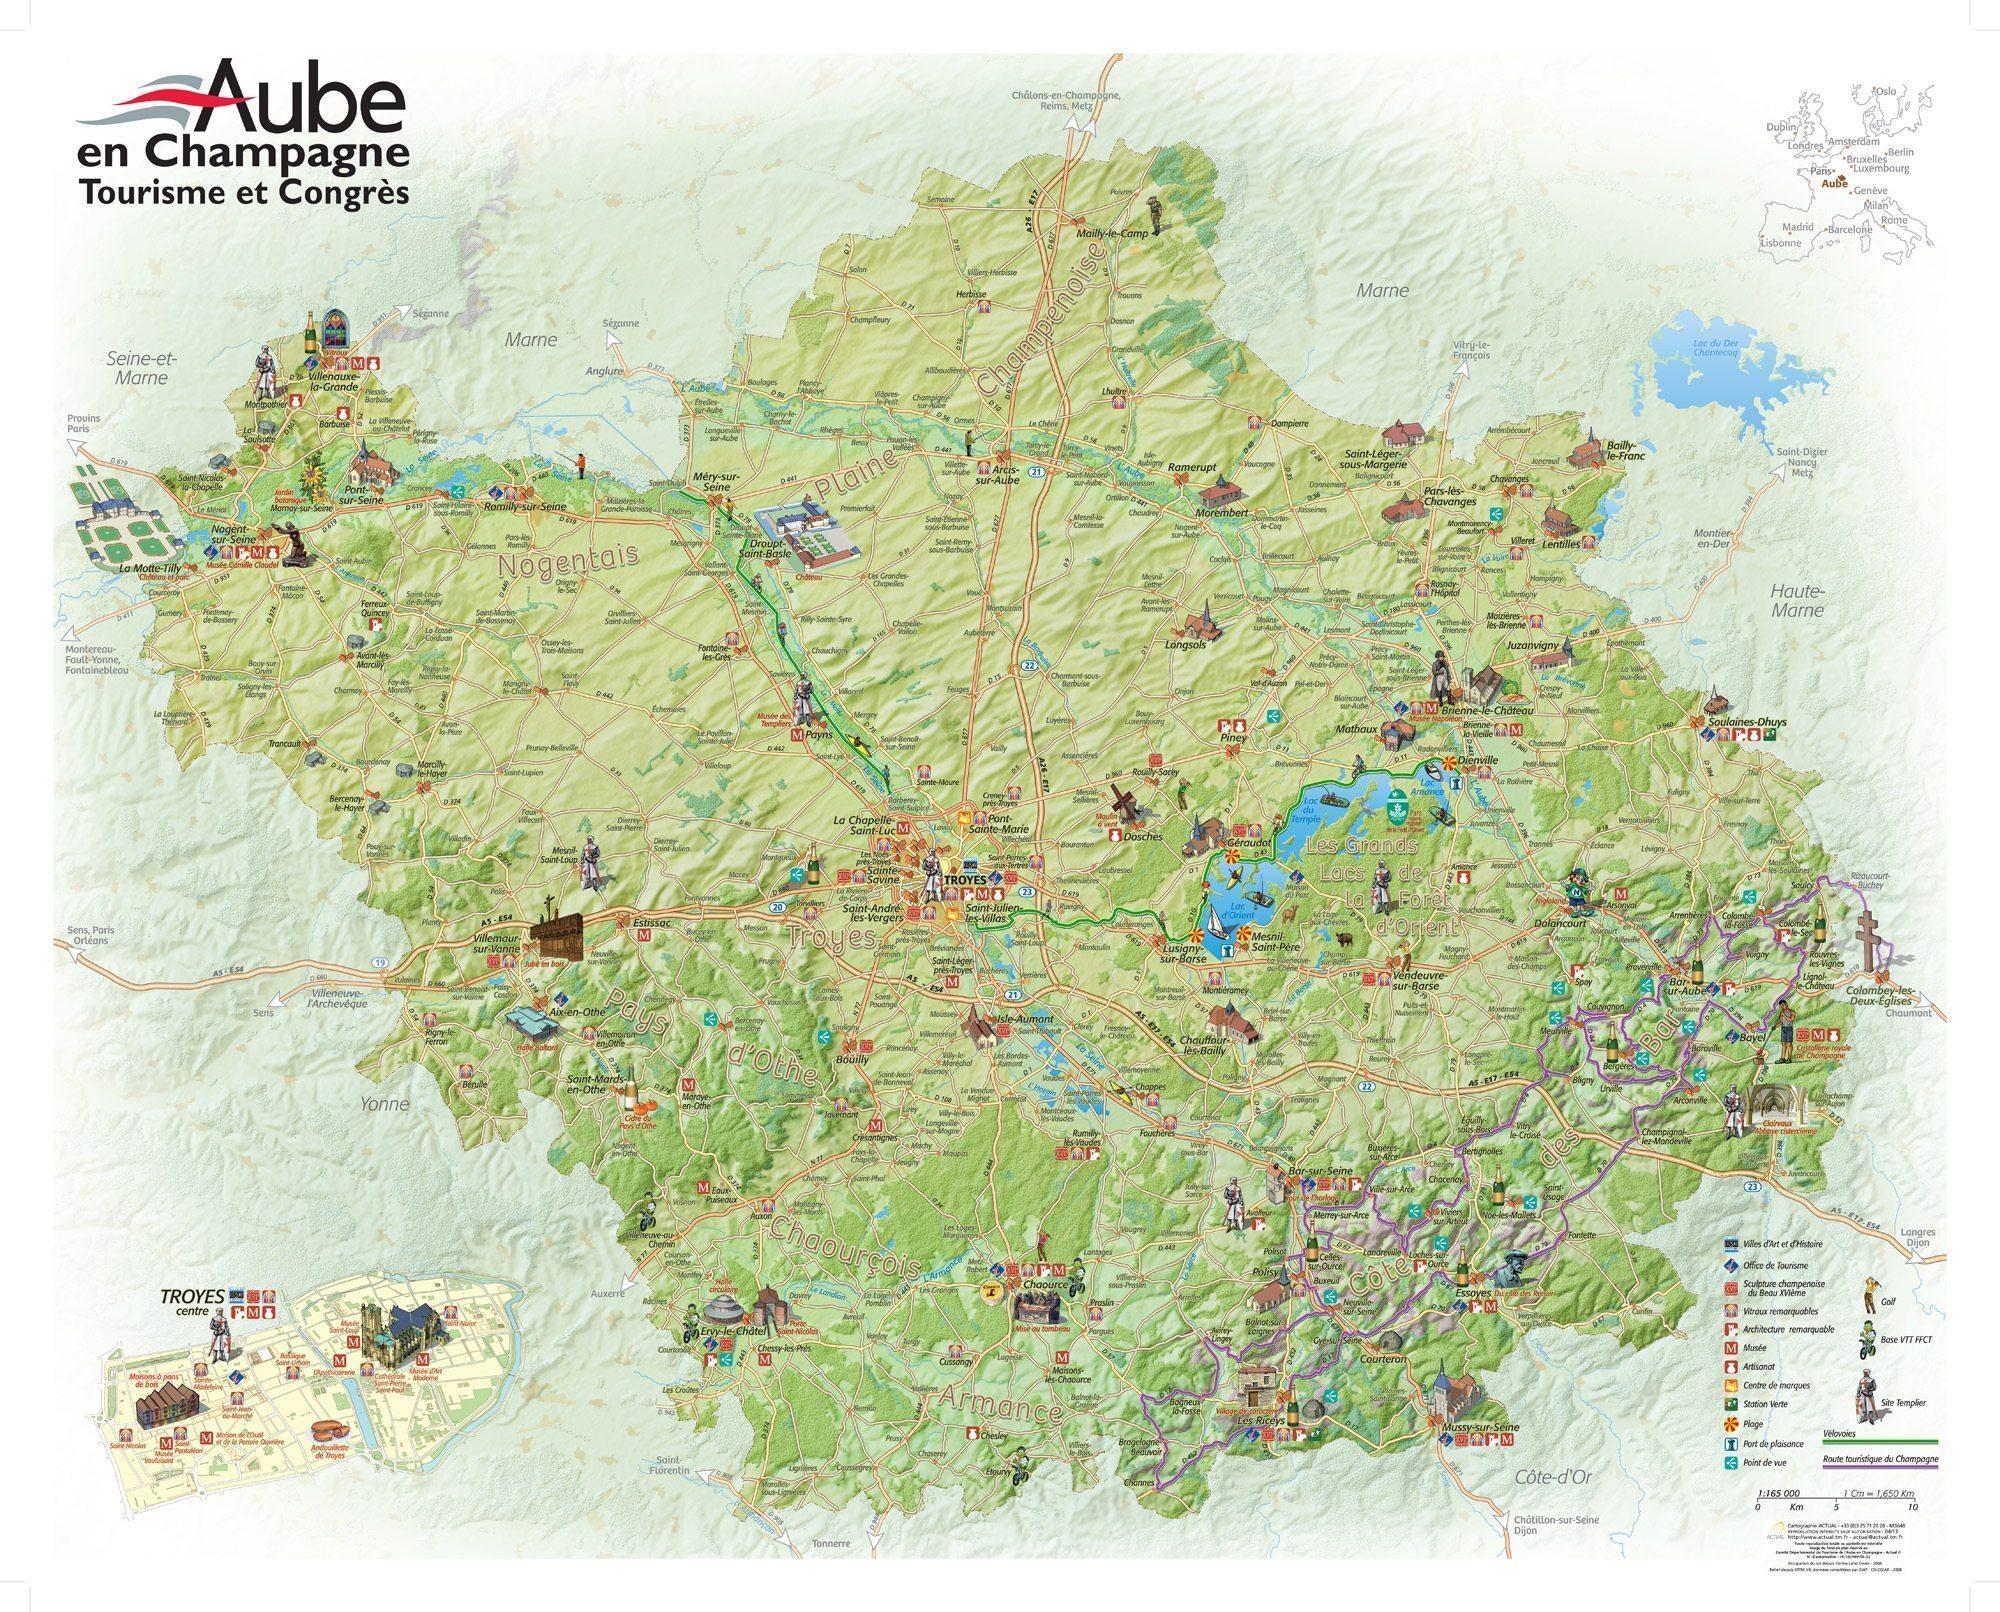 Carte des sites touristiques de l'Aube